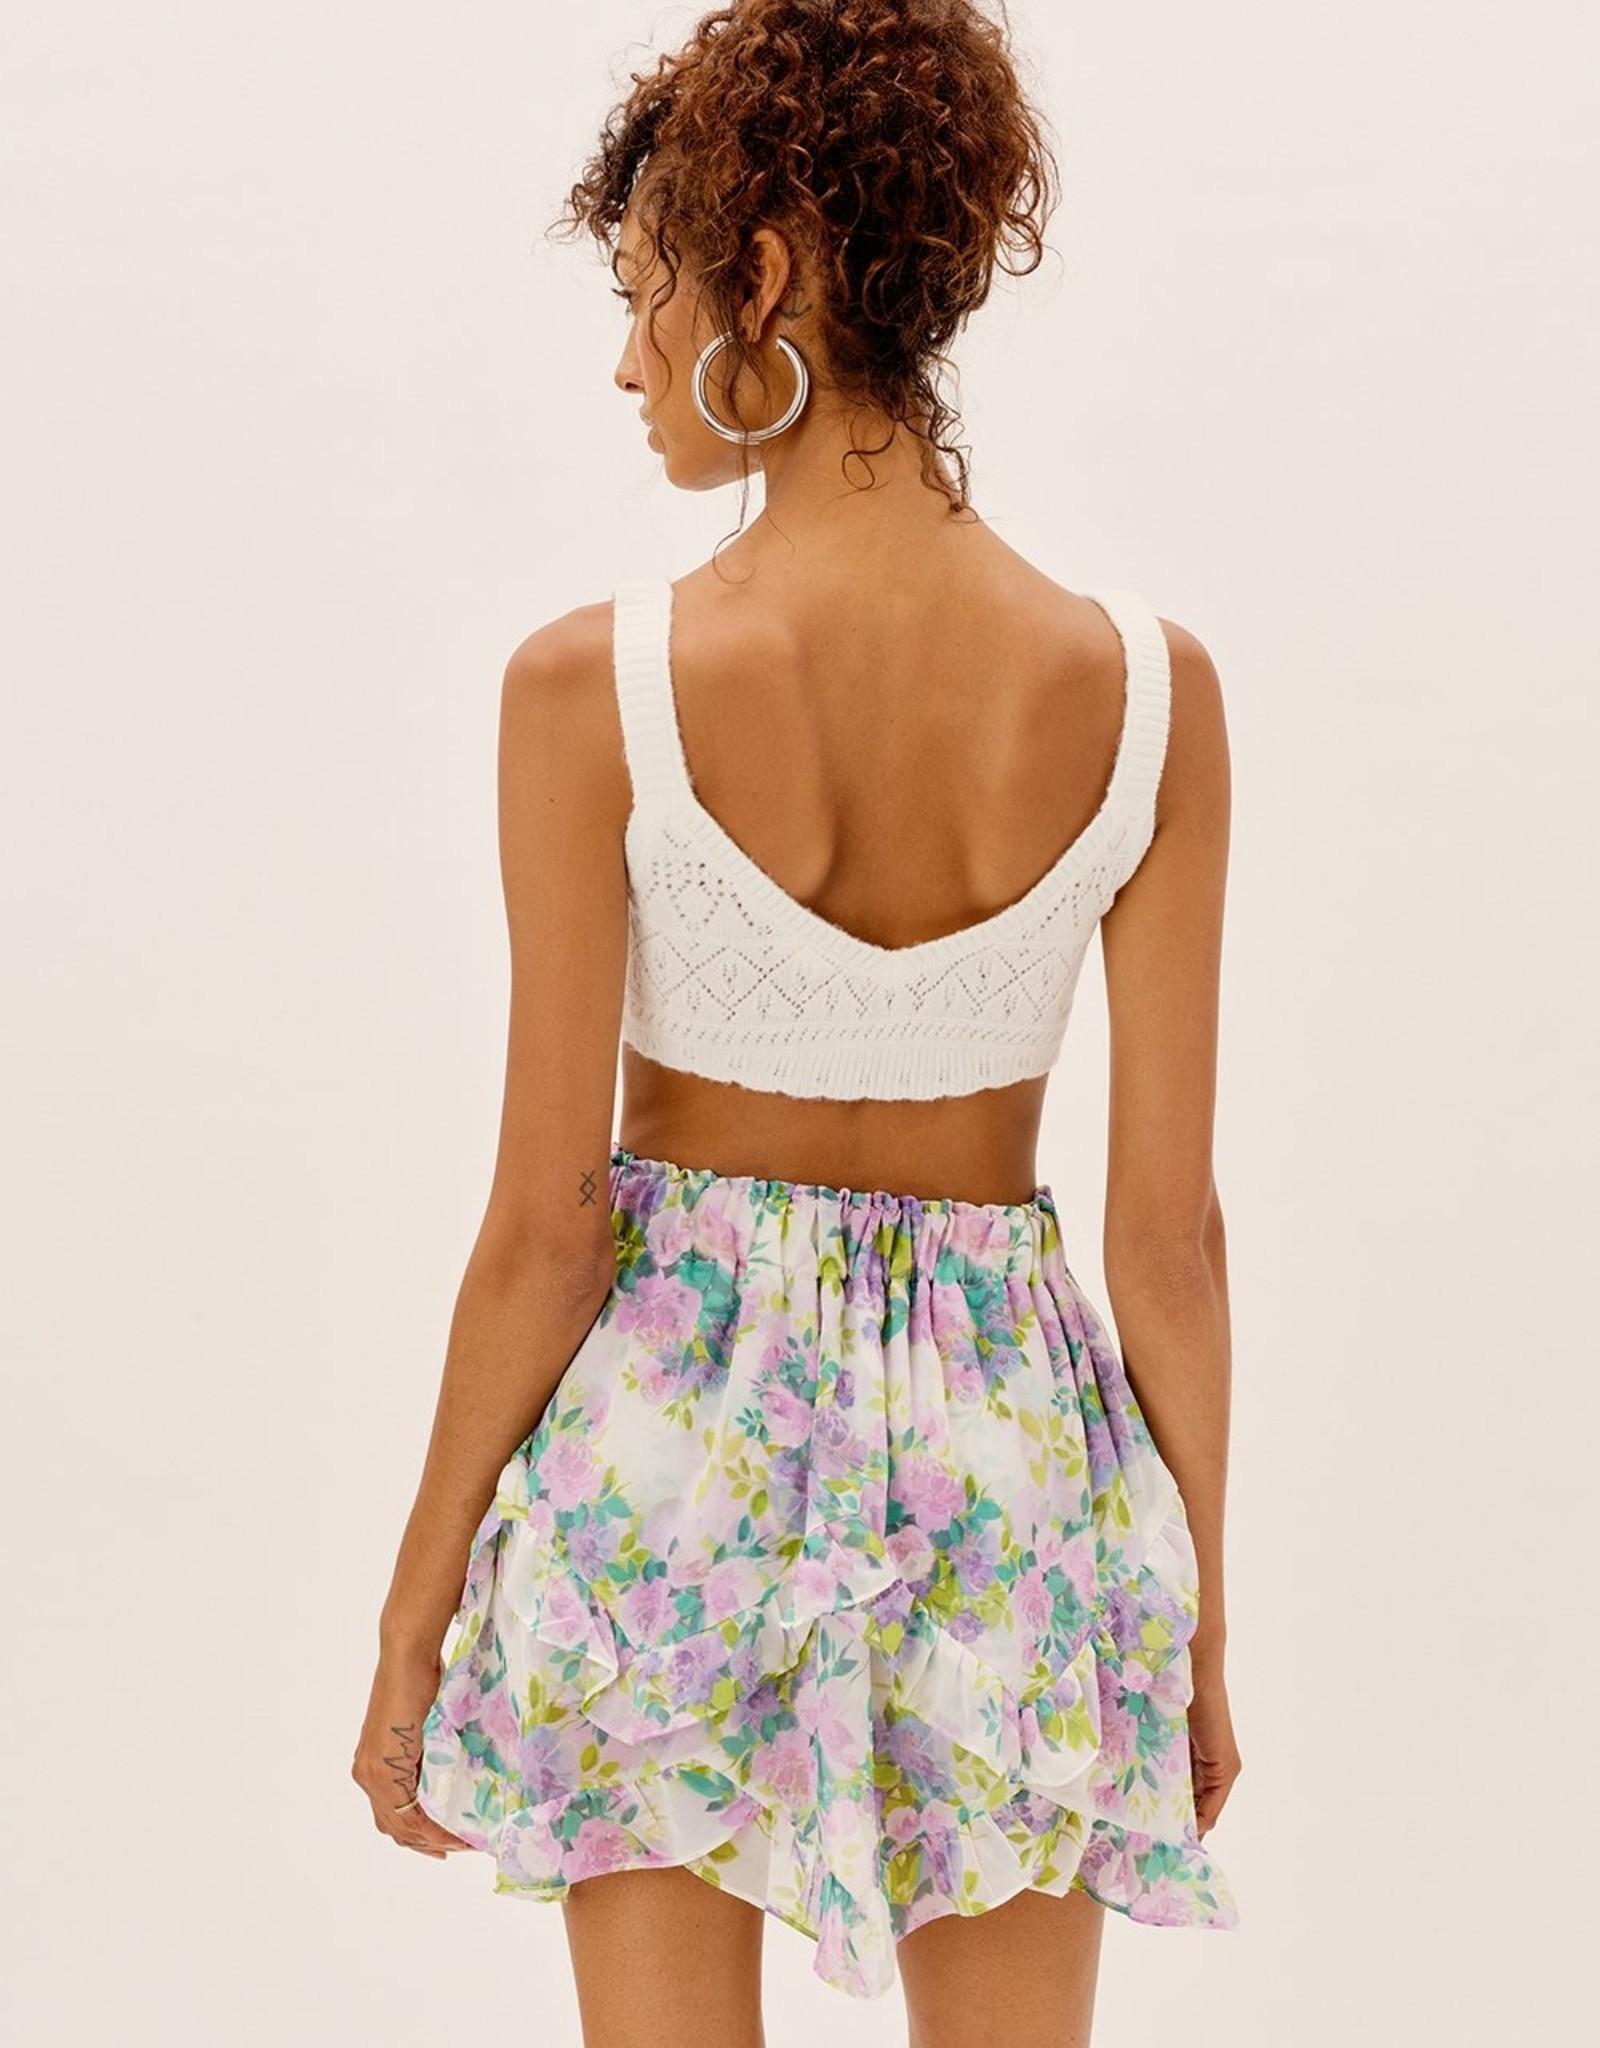 For Love and Lemons For Love and Lemons Evie Mini Skirt